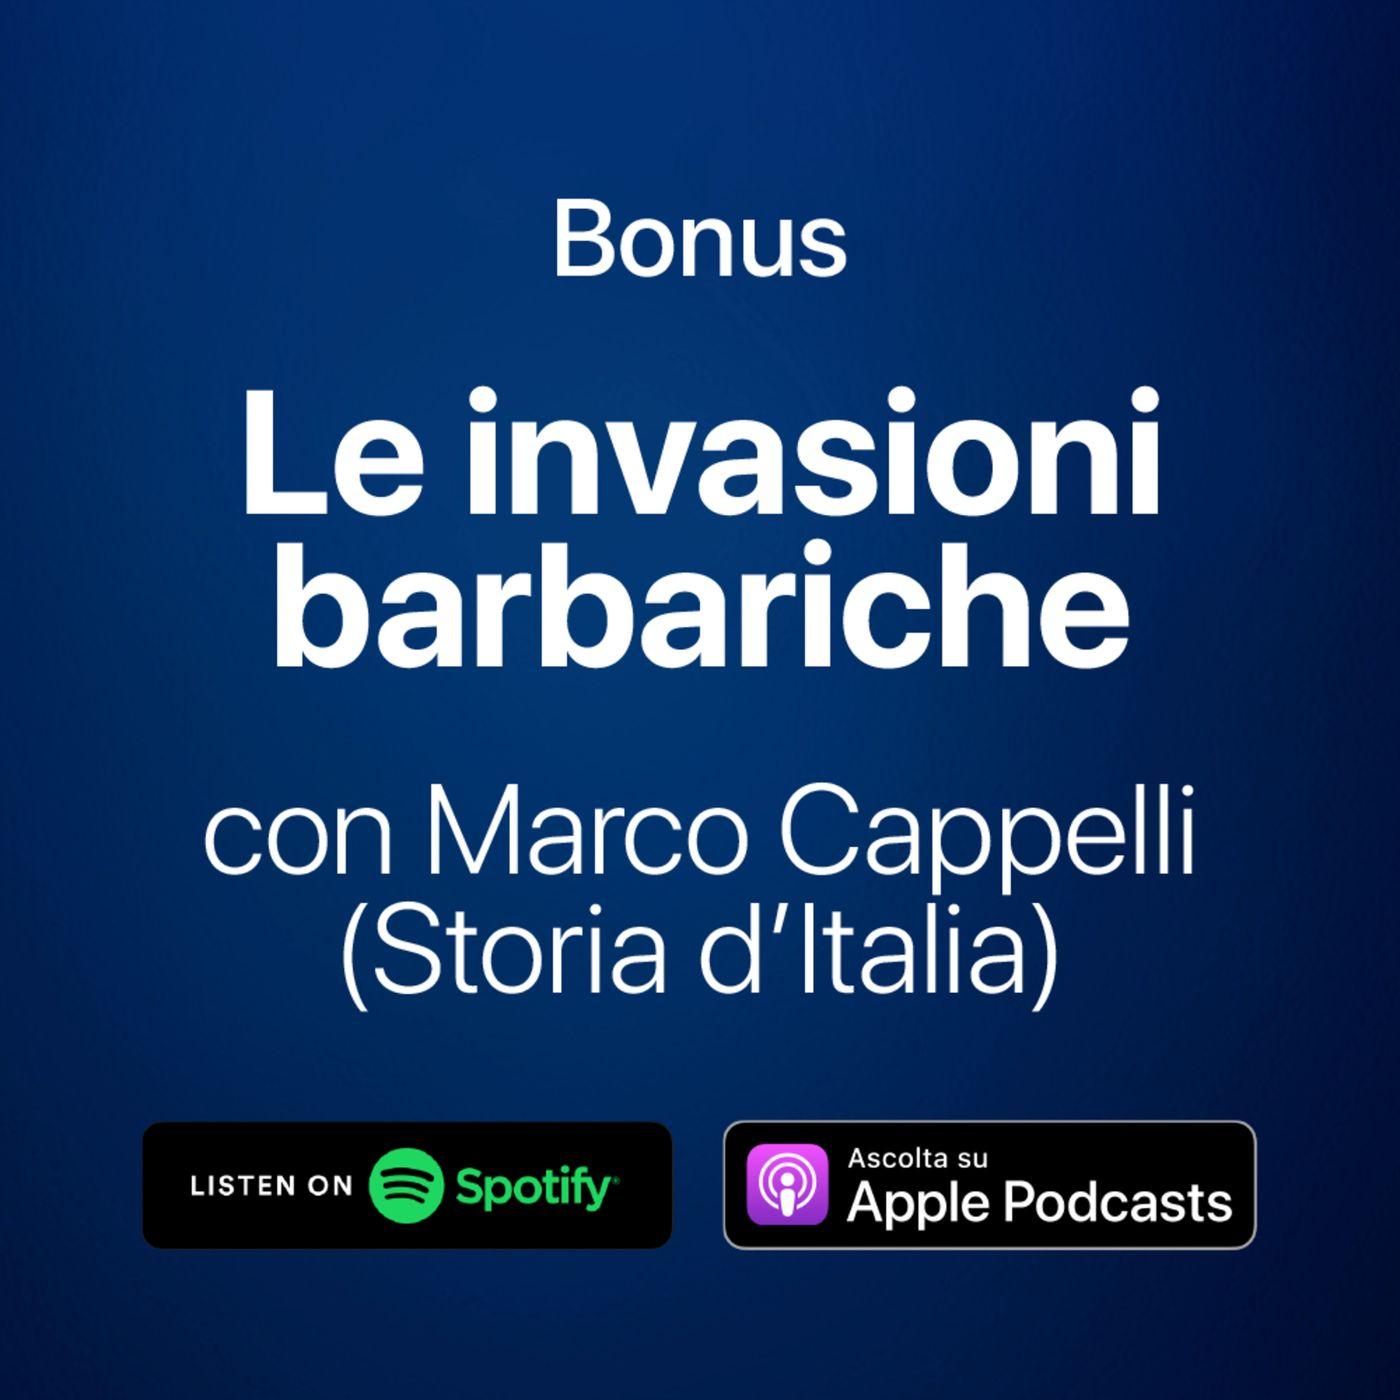 Bonus - Le invasioni barbariche con Marco Cappelli di Storia d'Italia